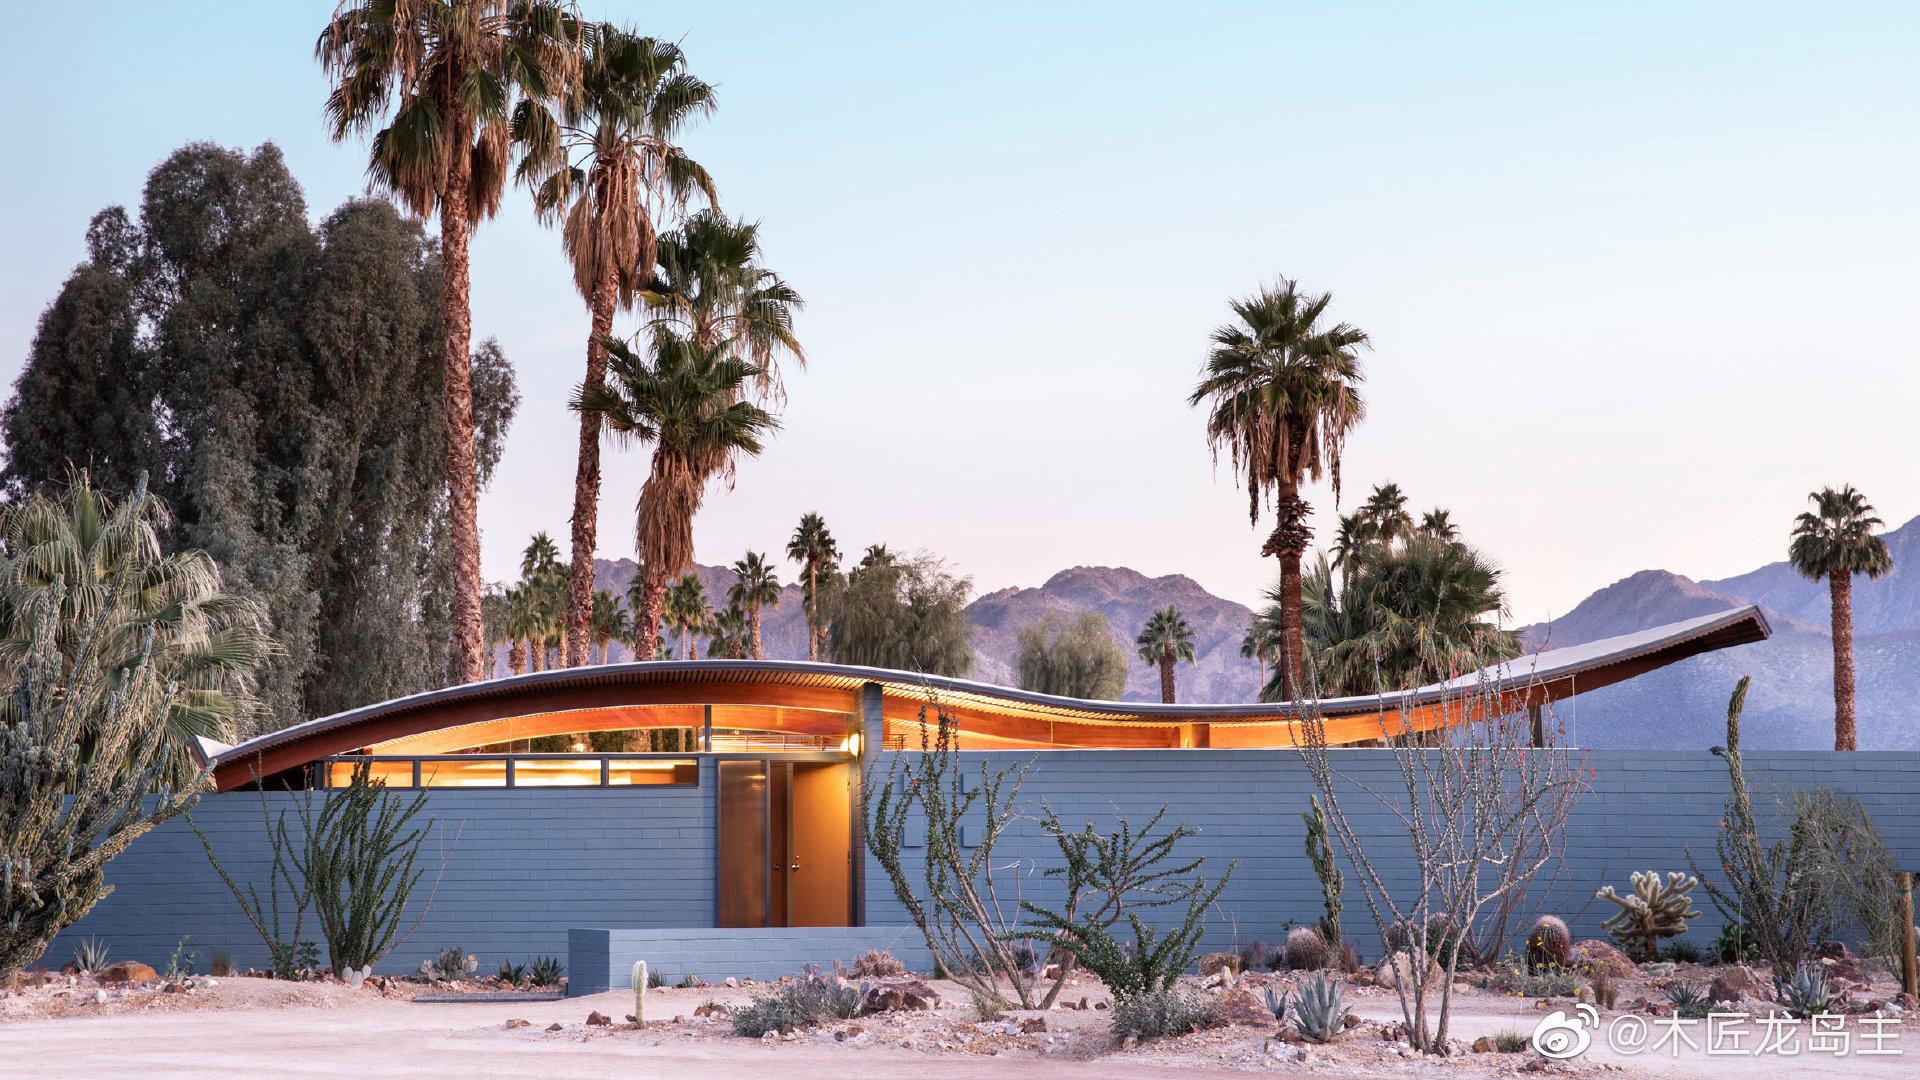 斯塔纳尔建筑师事务所修复加州的现代主义波浪屋洛杉矶实践斯塔纳尔